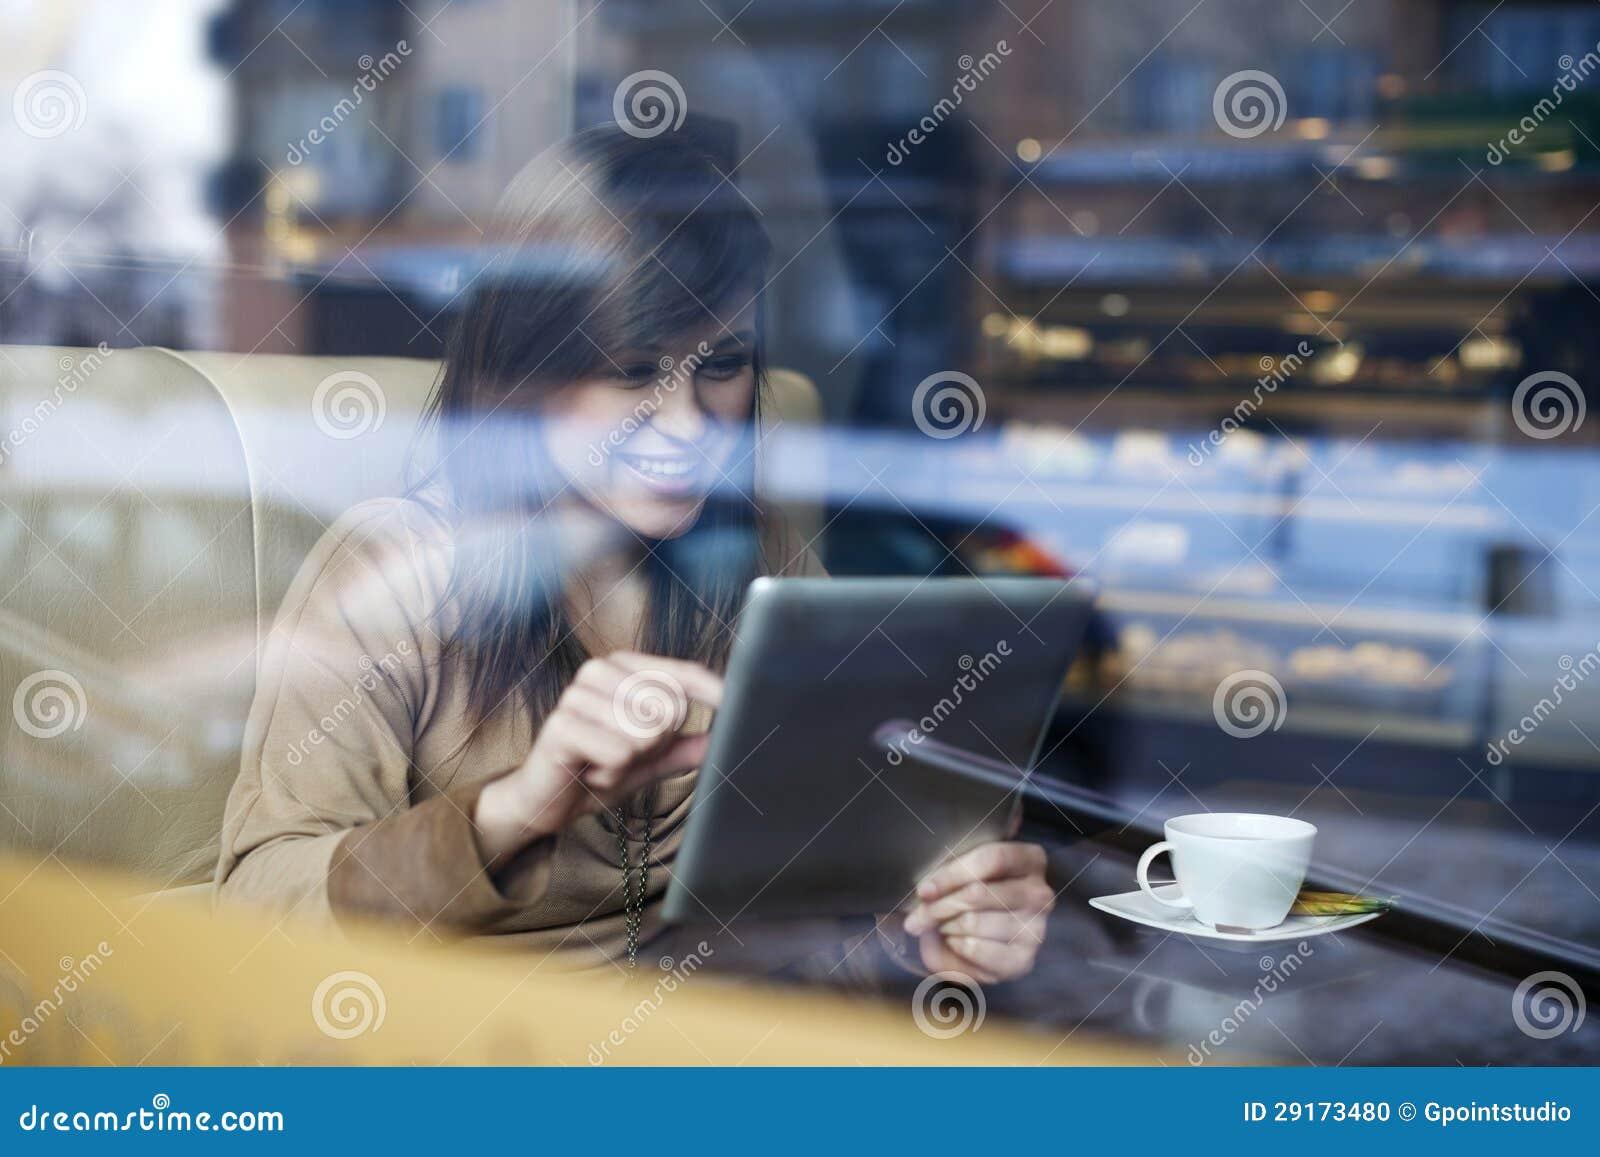 Mujer joven en cafetería